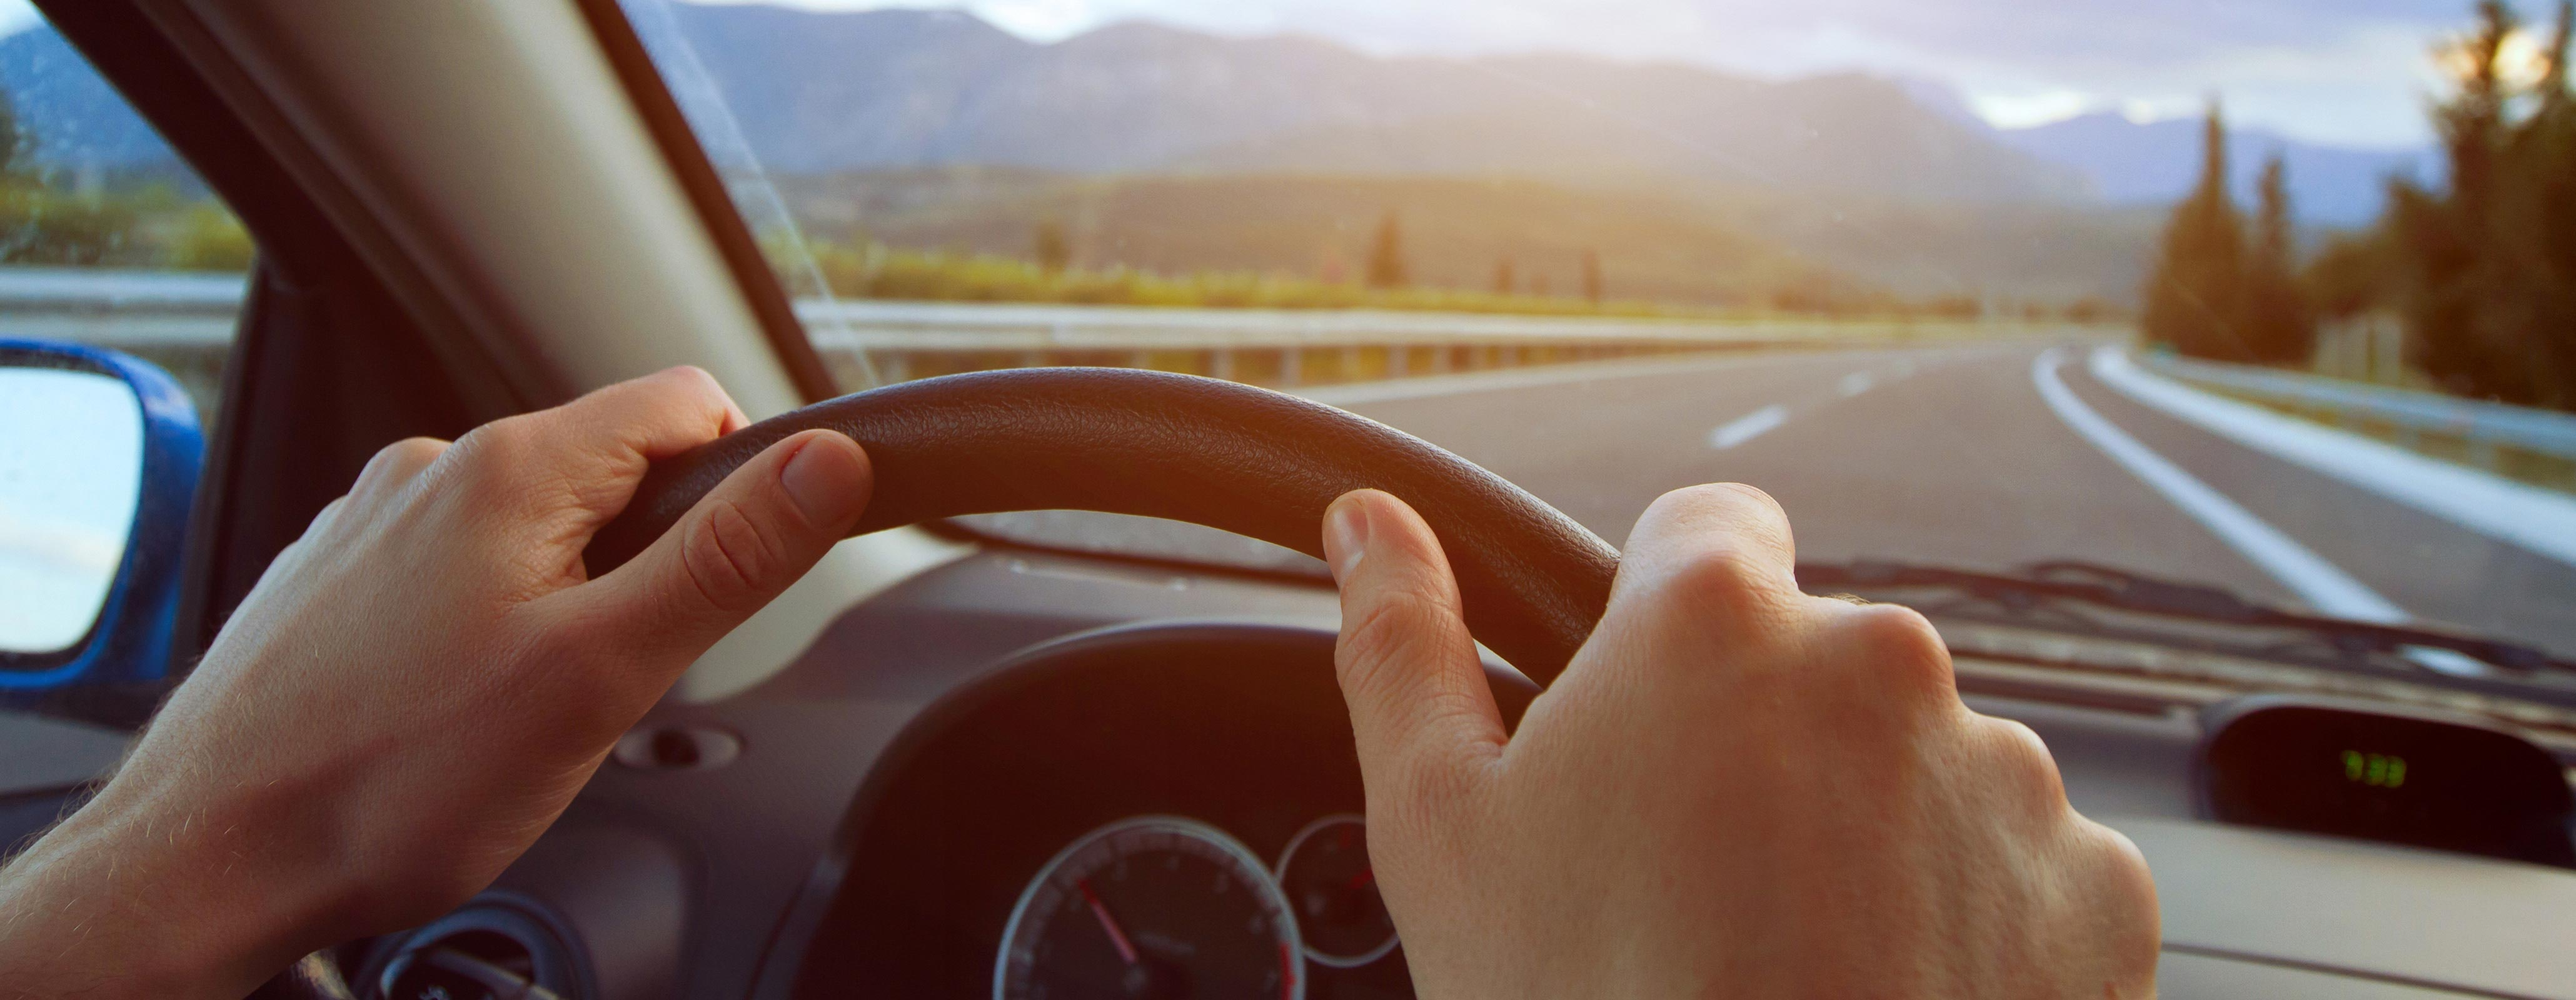 Autoverzekering niet altijd verplicht